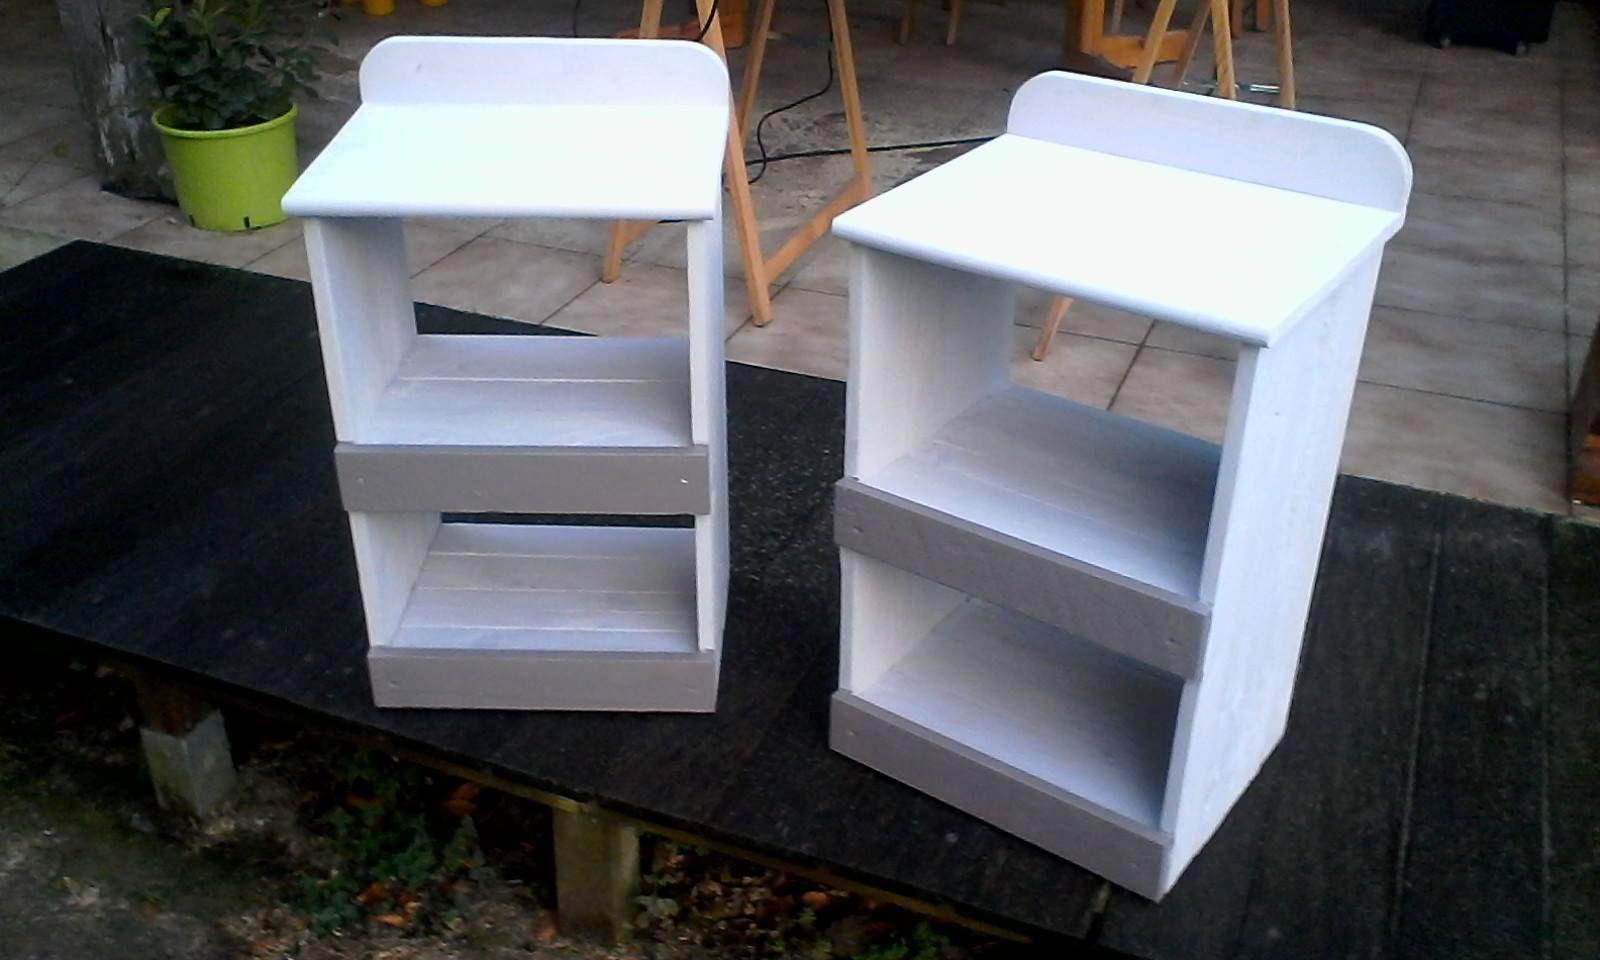 Deux Tables De Chevet Realise En Bois Recycle Dimension Hauteur 63cm Largeur 42cm Profondeur 30cm Bois Recycle Mobilier De Salon Bois